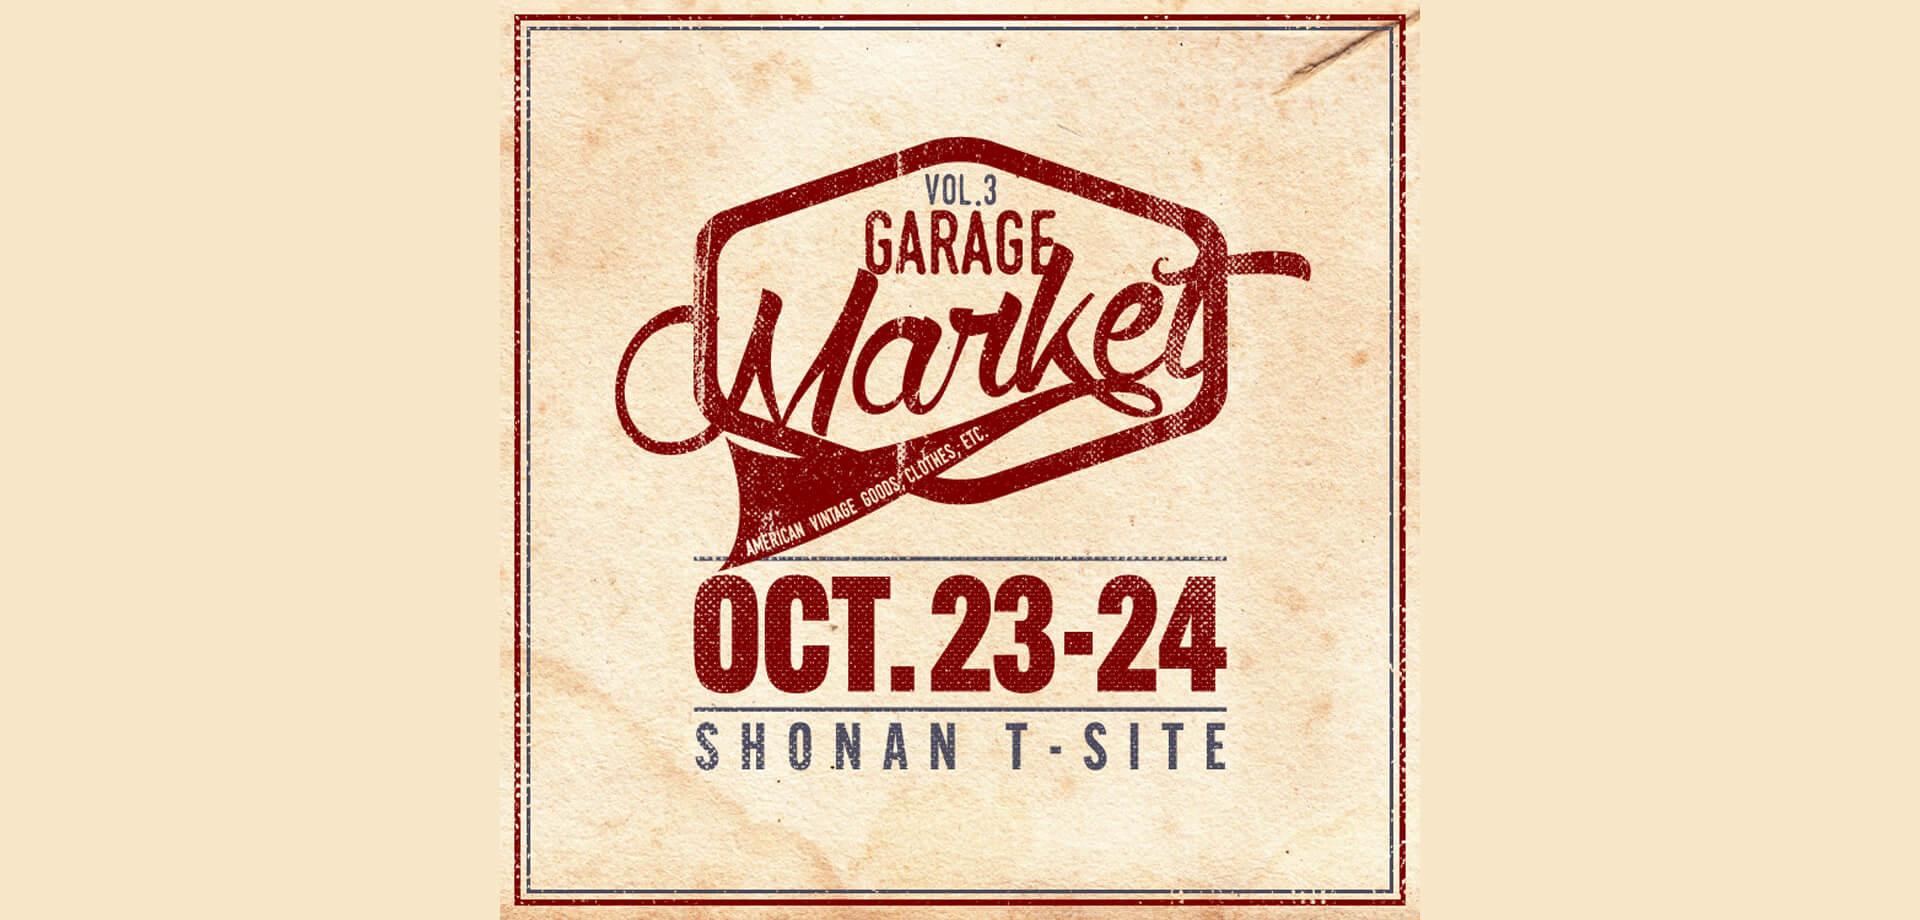 湘南T-SITE GARAGE Market VOL.3